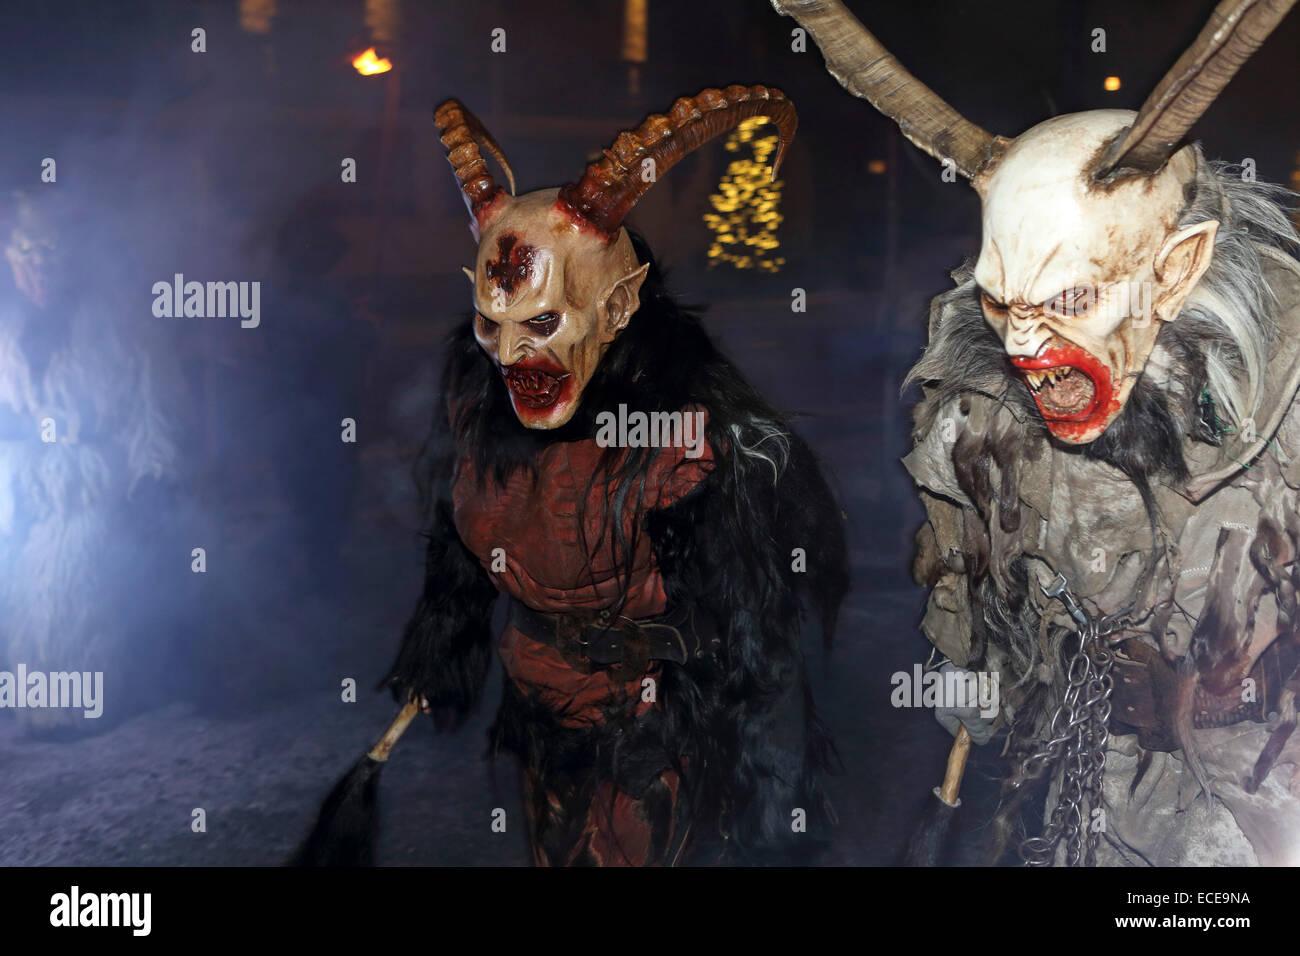 Krampus Night Stock Photos & Krampus Night Stock Images - Alamy